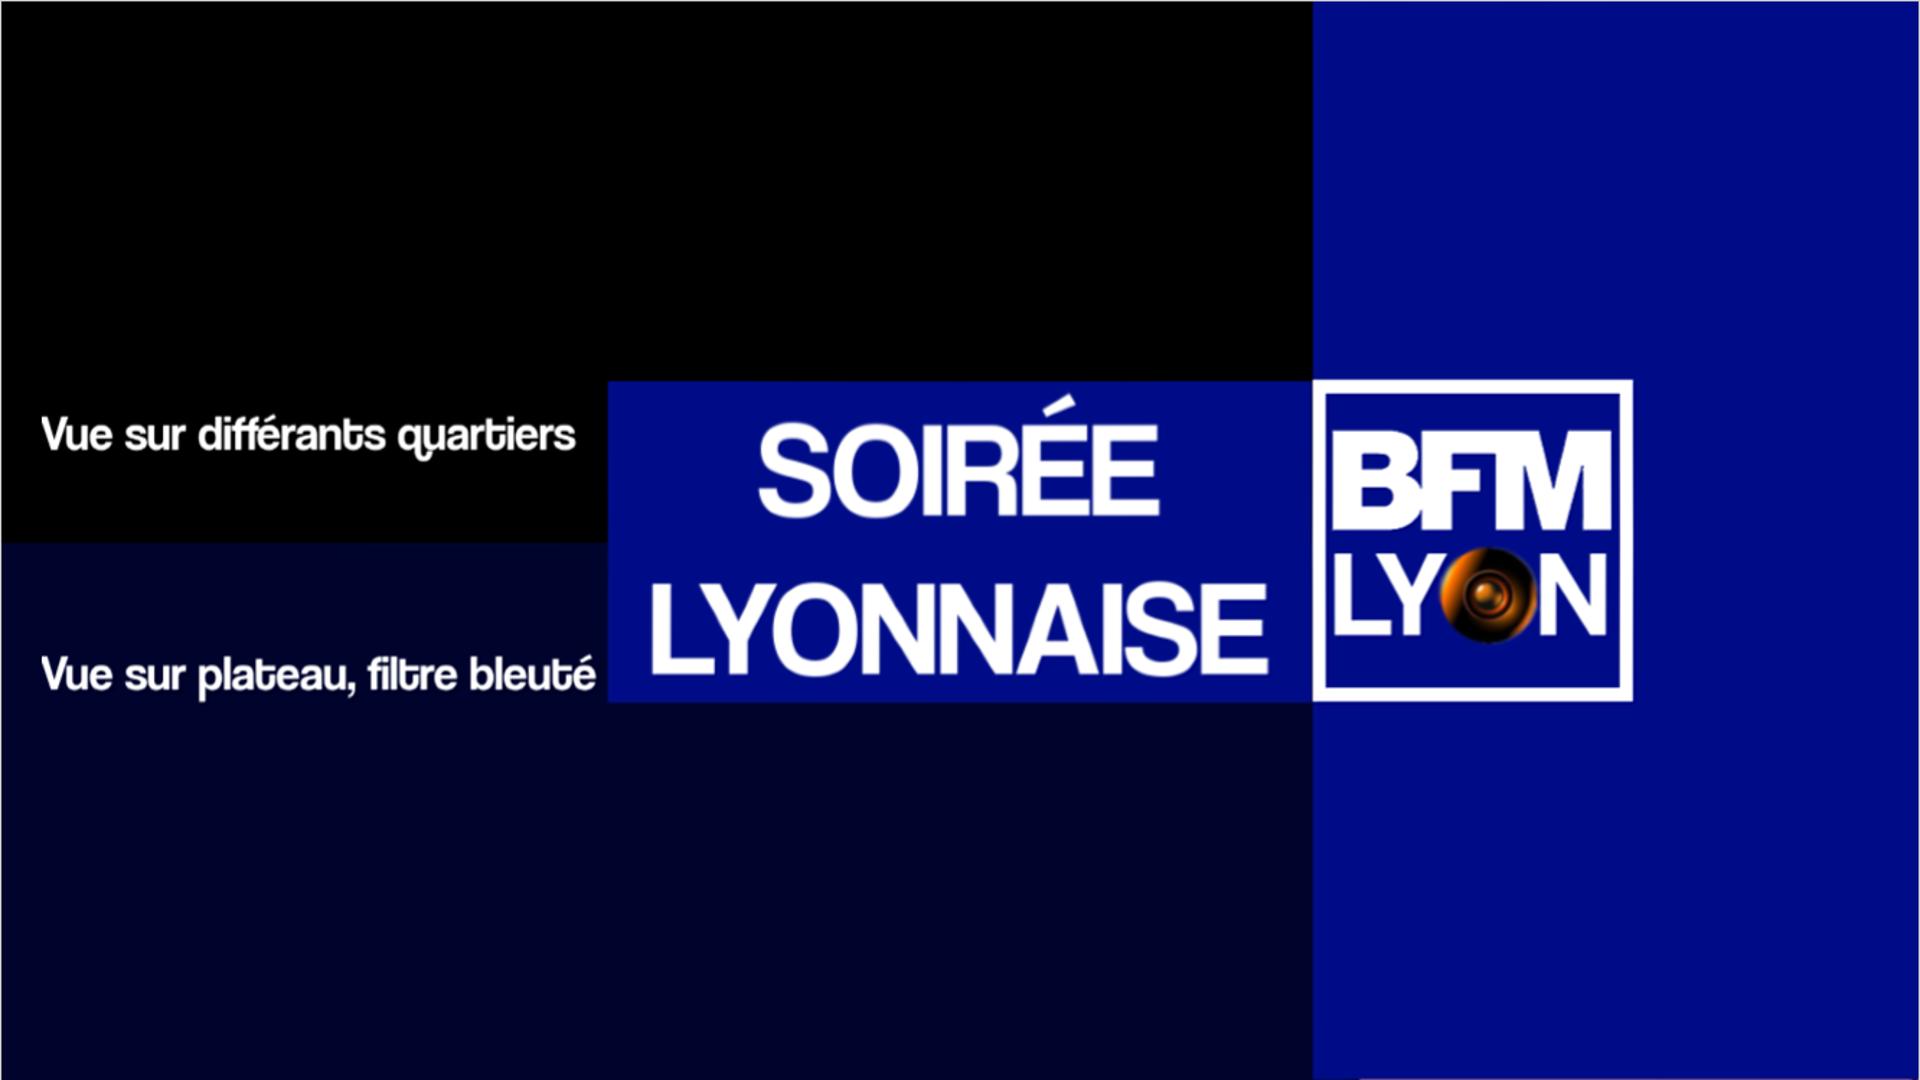 Soirée Lyonnaise